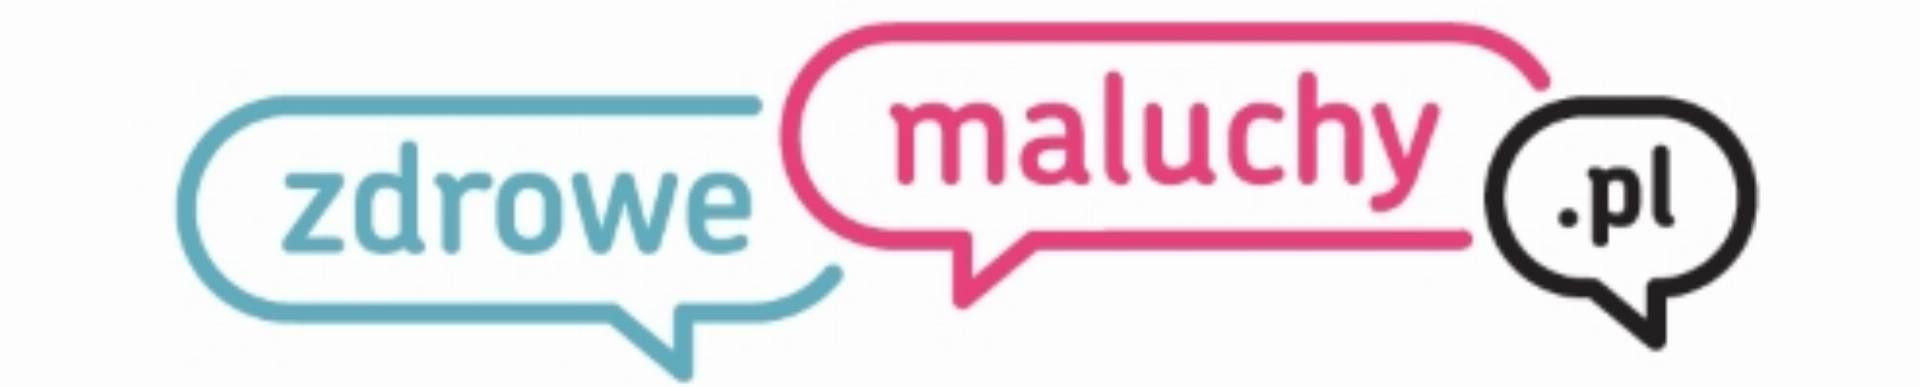 zdrowemaluchy_logo